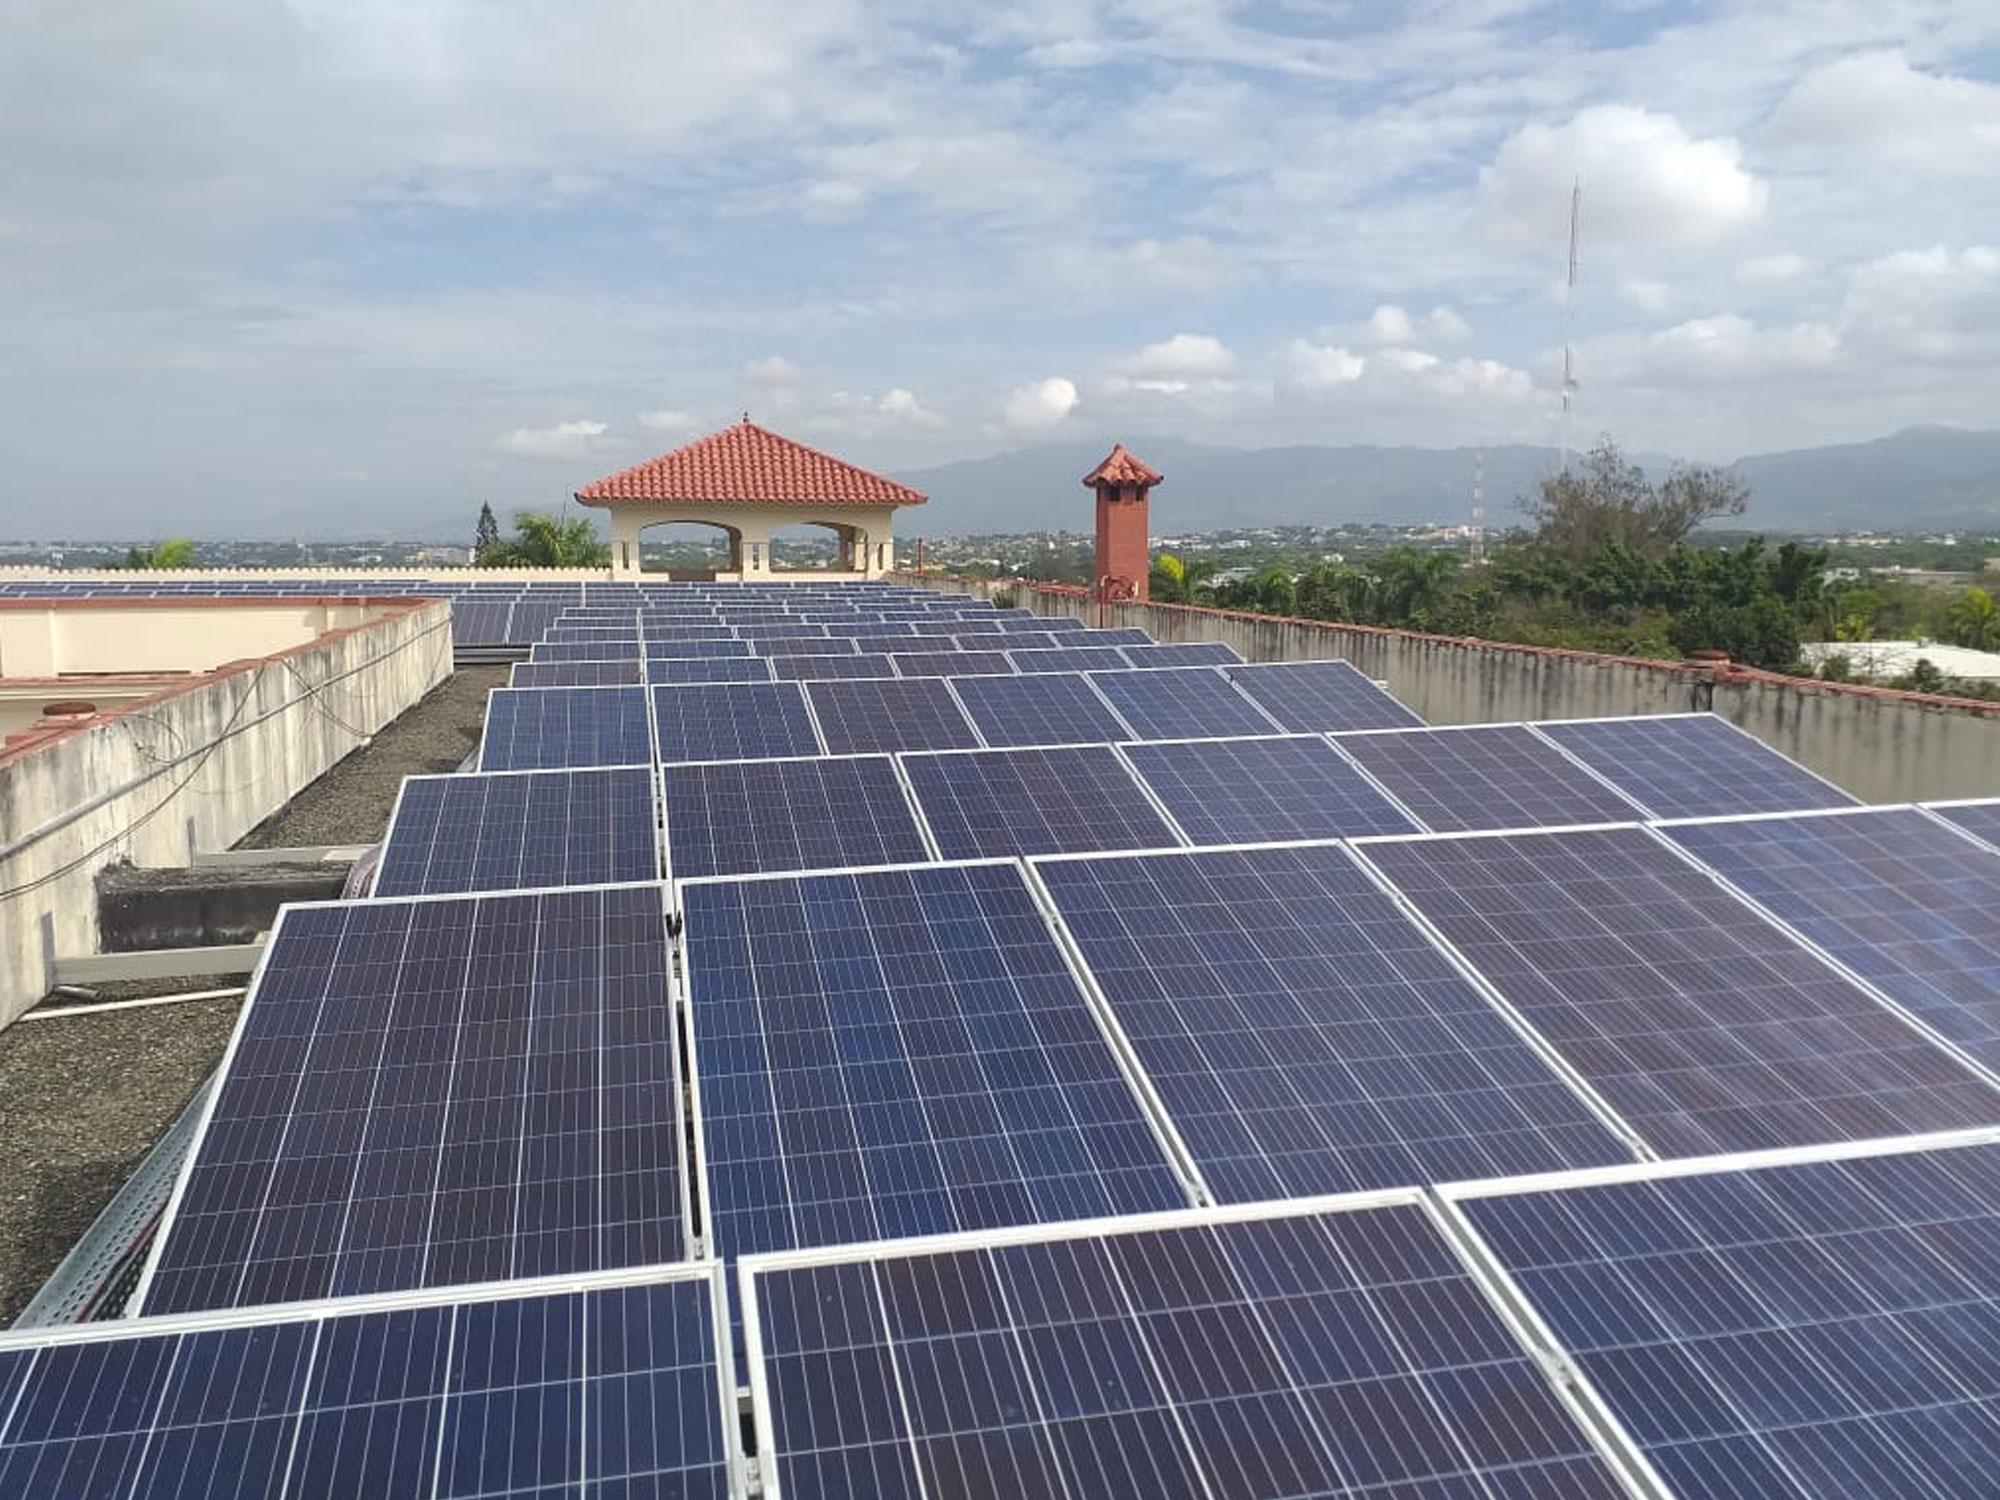 Instalación solar fotovoltaica en un colegio